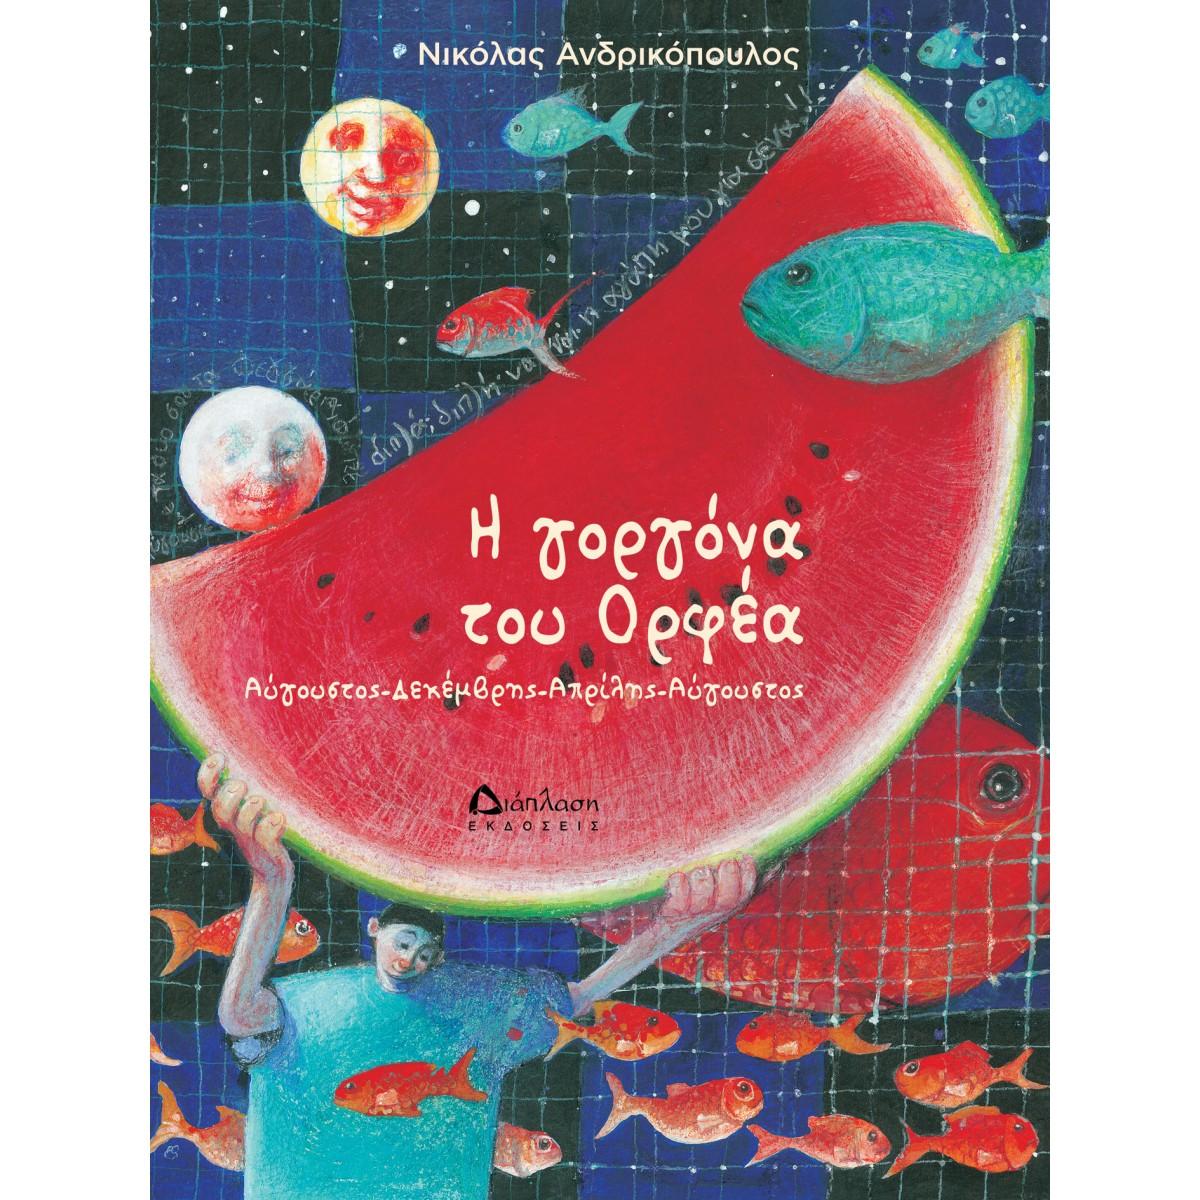 Η ΓΟΡΓΟΝΑ ΤΟΥ ΟΡΦΕΑ Παιδικά Βιβλία